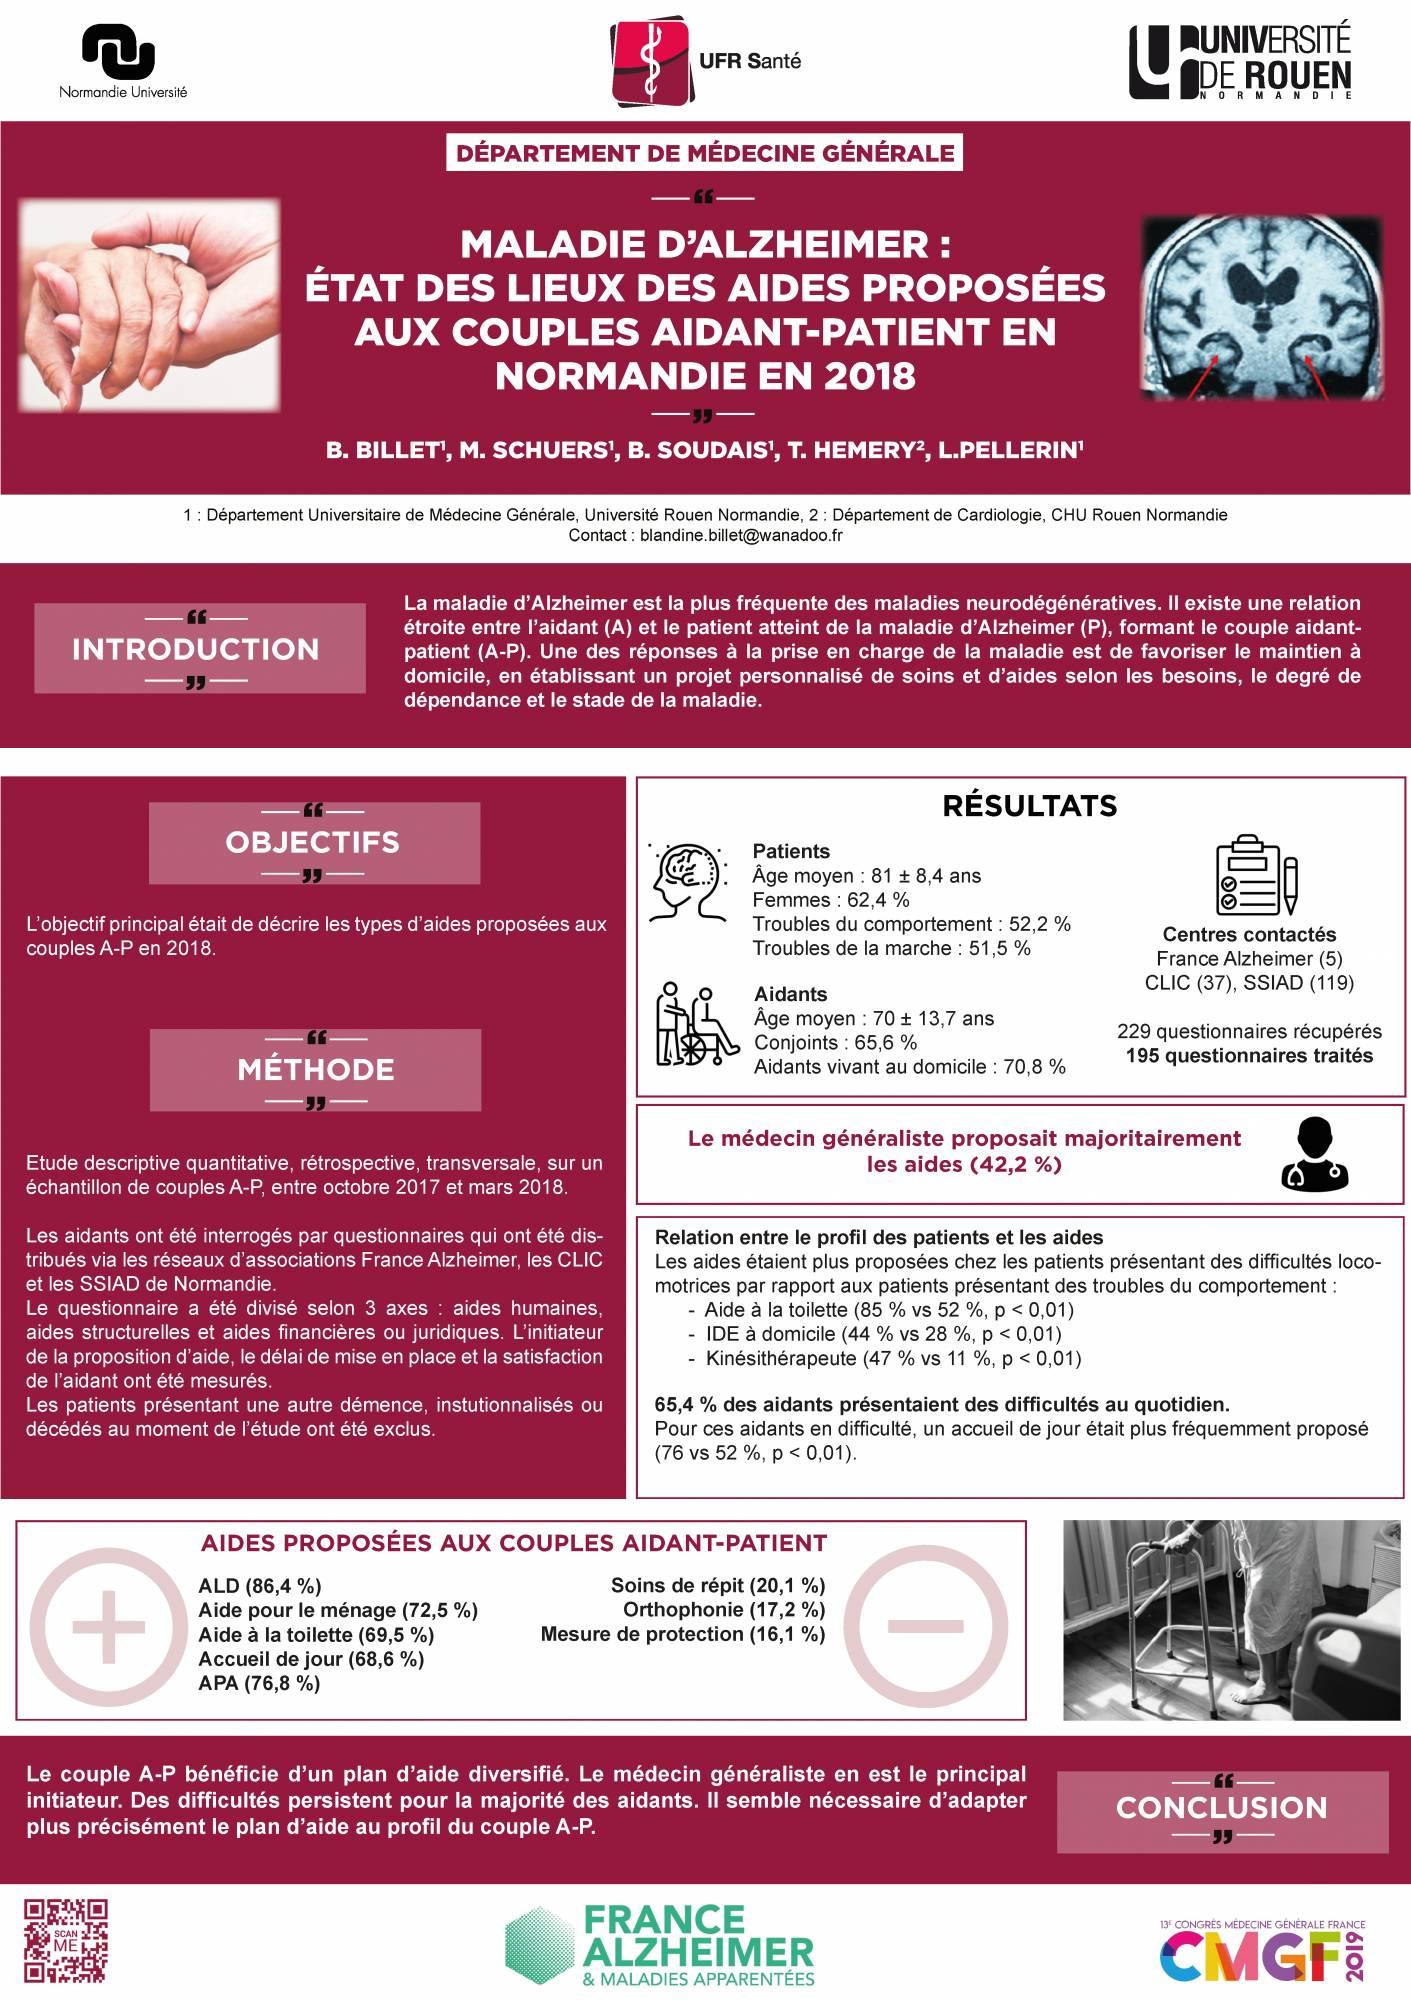 Billet B, Schuers M, Soudais B, Hemery T, Pellerin L. Maladie d'Alzheimer : état des lieux des aides proposées aux couples aidant-patient en Normandie en 2018. Poster présenté au : CMGF 2019. 13ème Congrès de Médecine Générale France. 04 avril 2019; Paris, France.